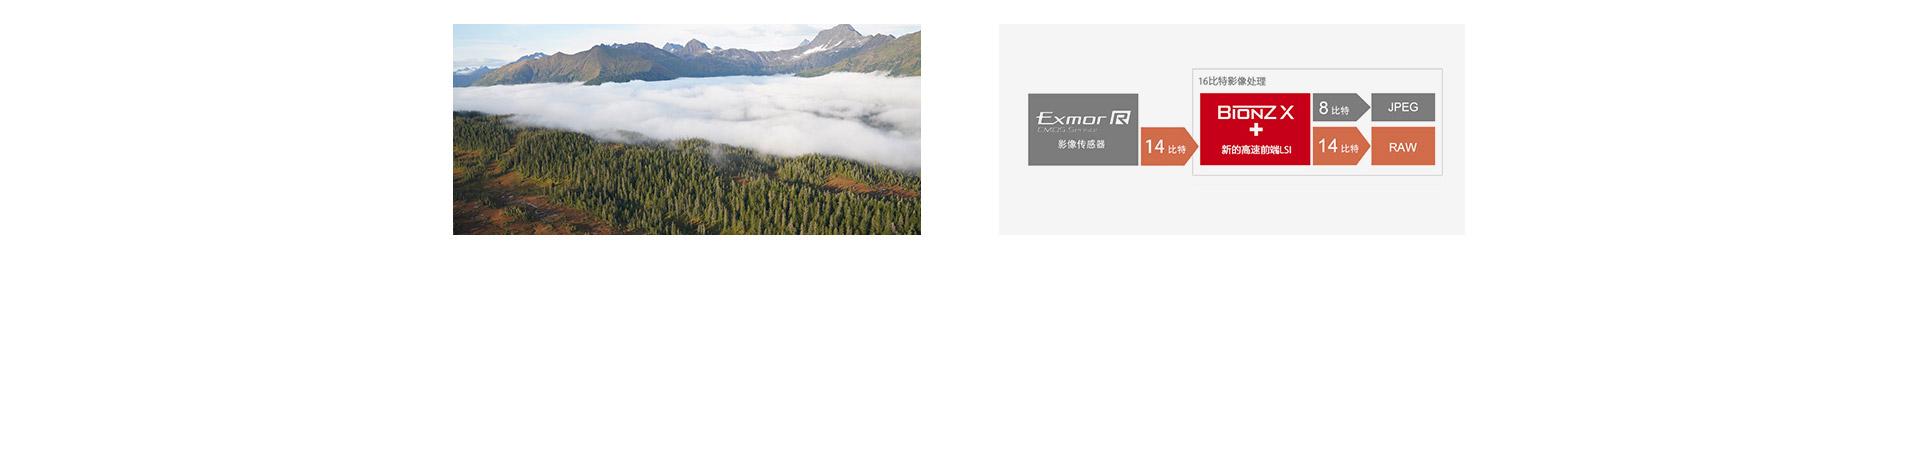 ISO 100-32000范围&14比特RAW输出示意图